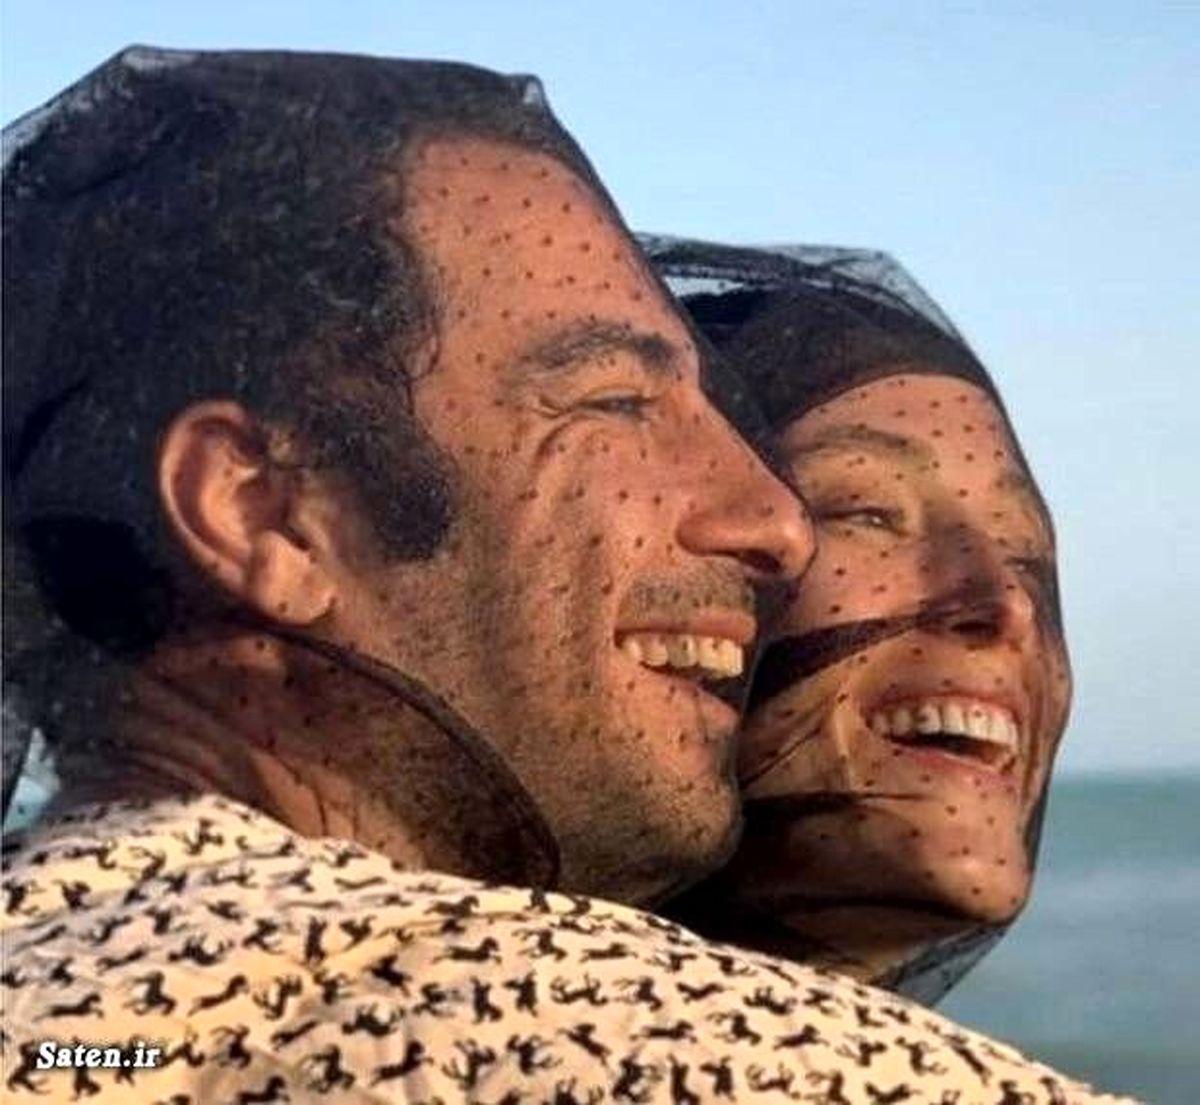 فیلم لورفته از نوید محمدزاده و همسرش لب دریا + فیلم نوید محمدزاده